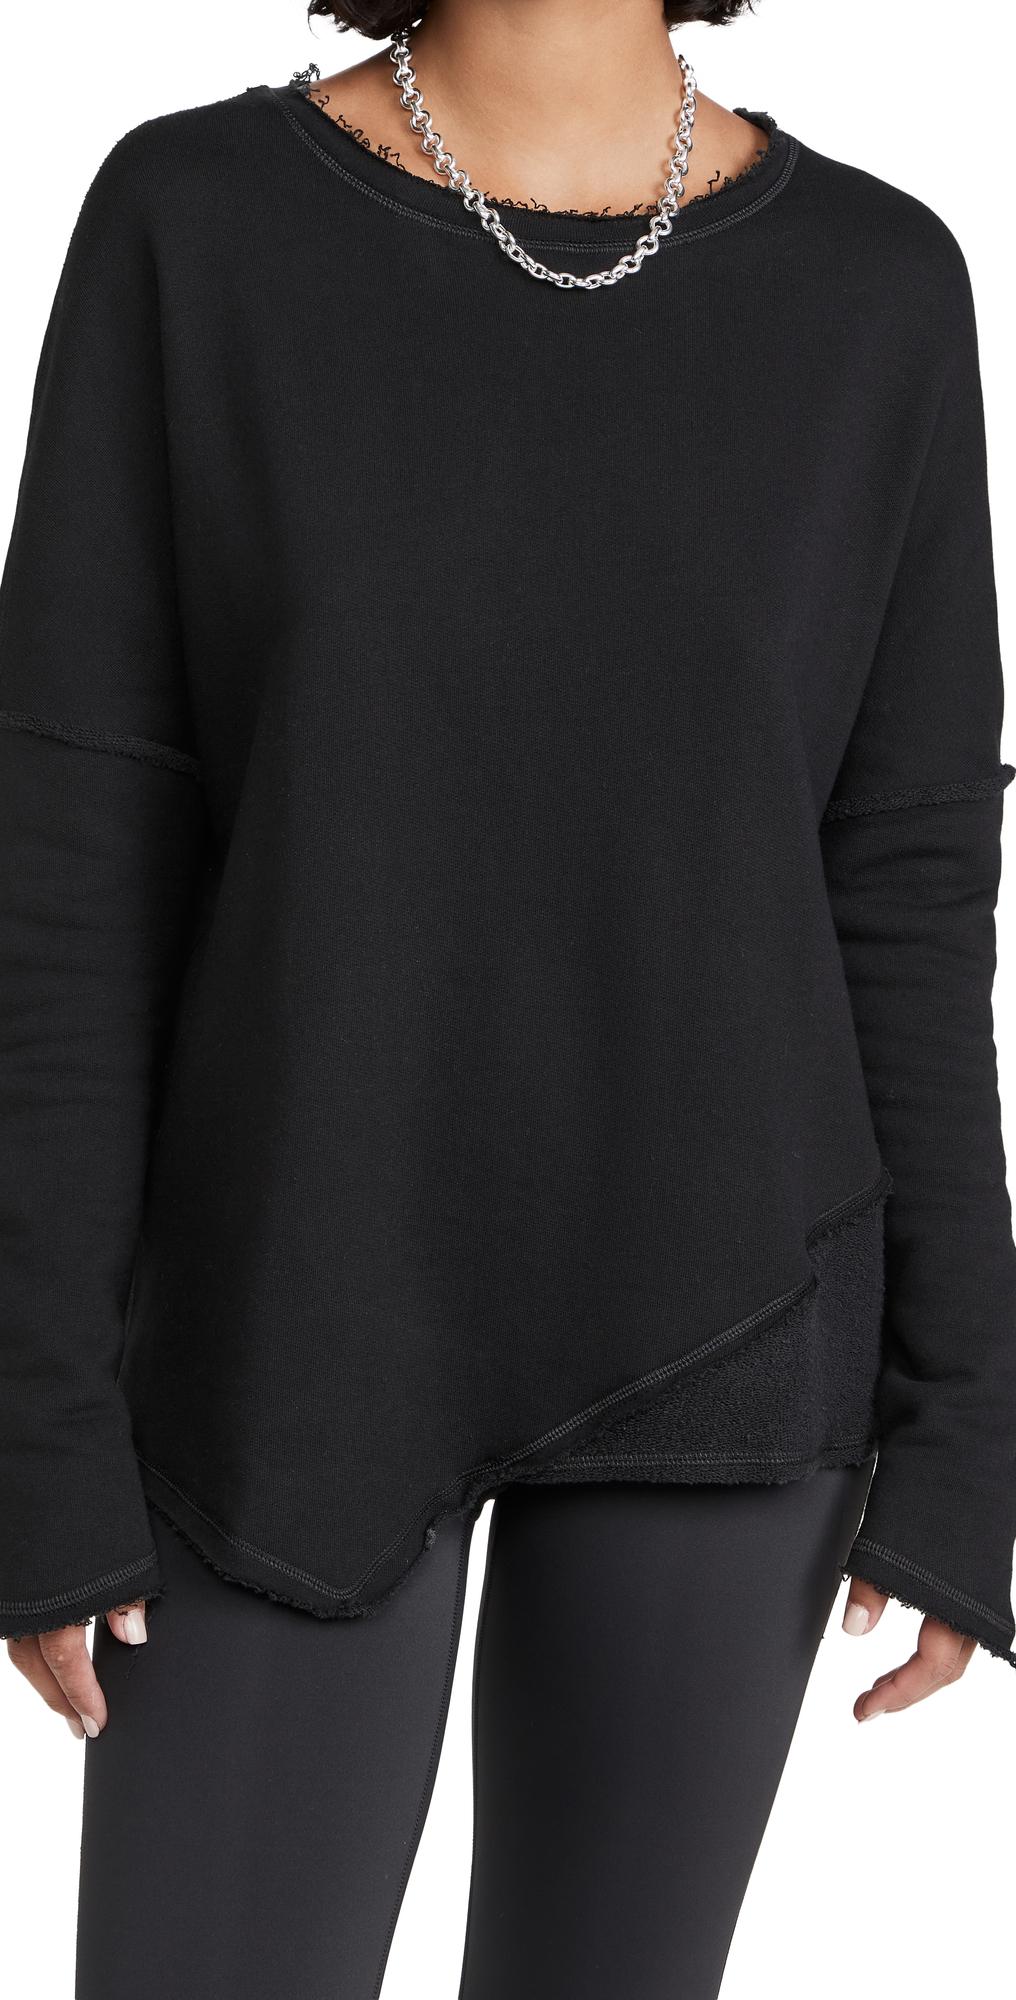 Exhale Sweatshirt